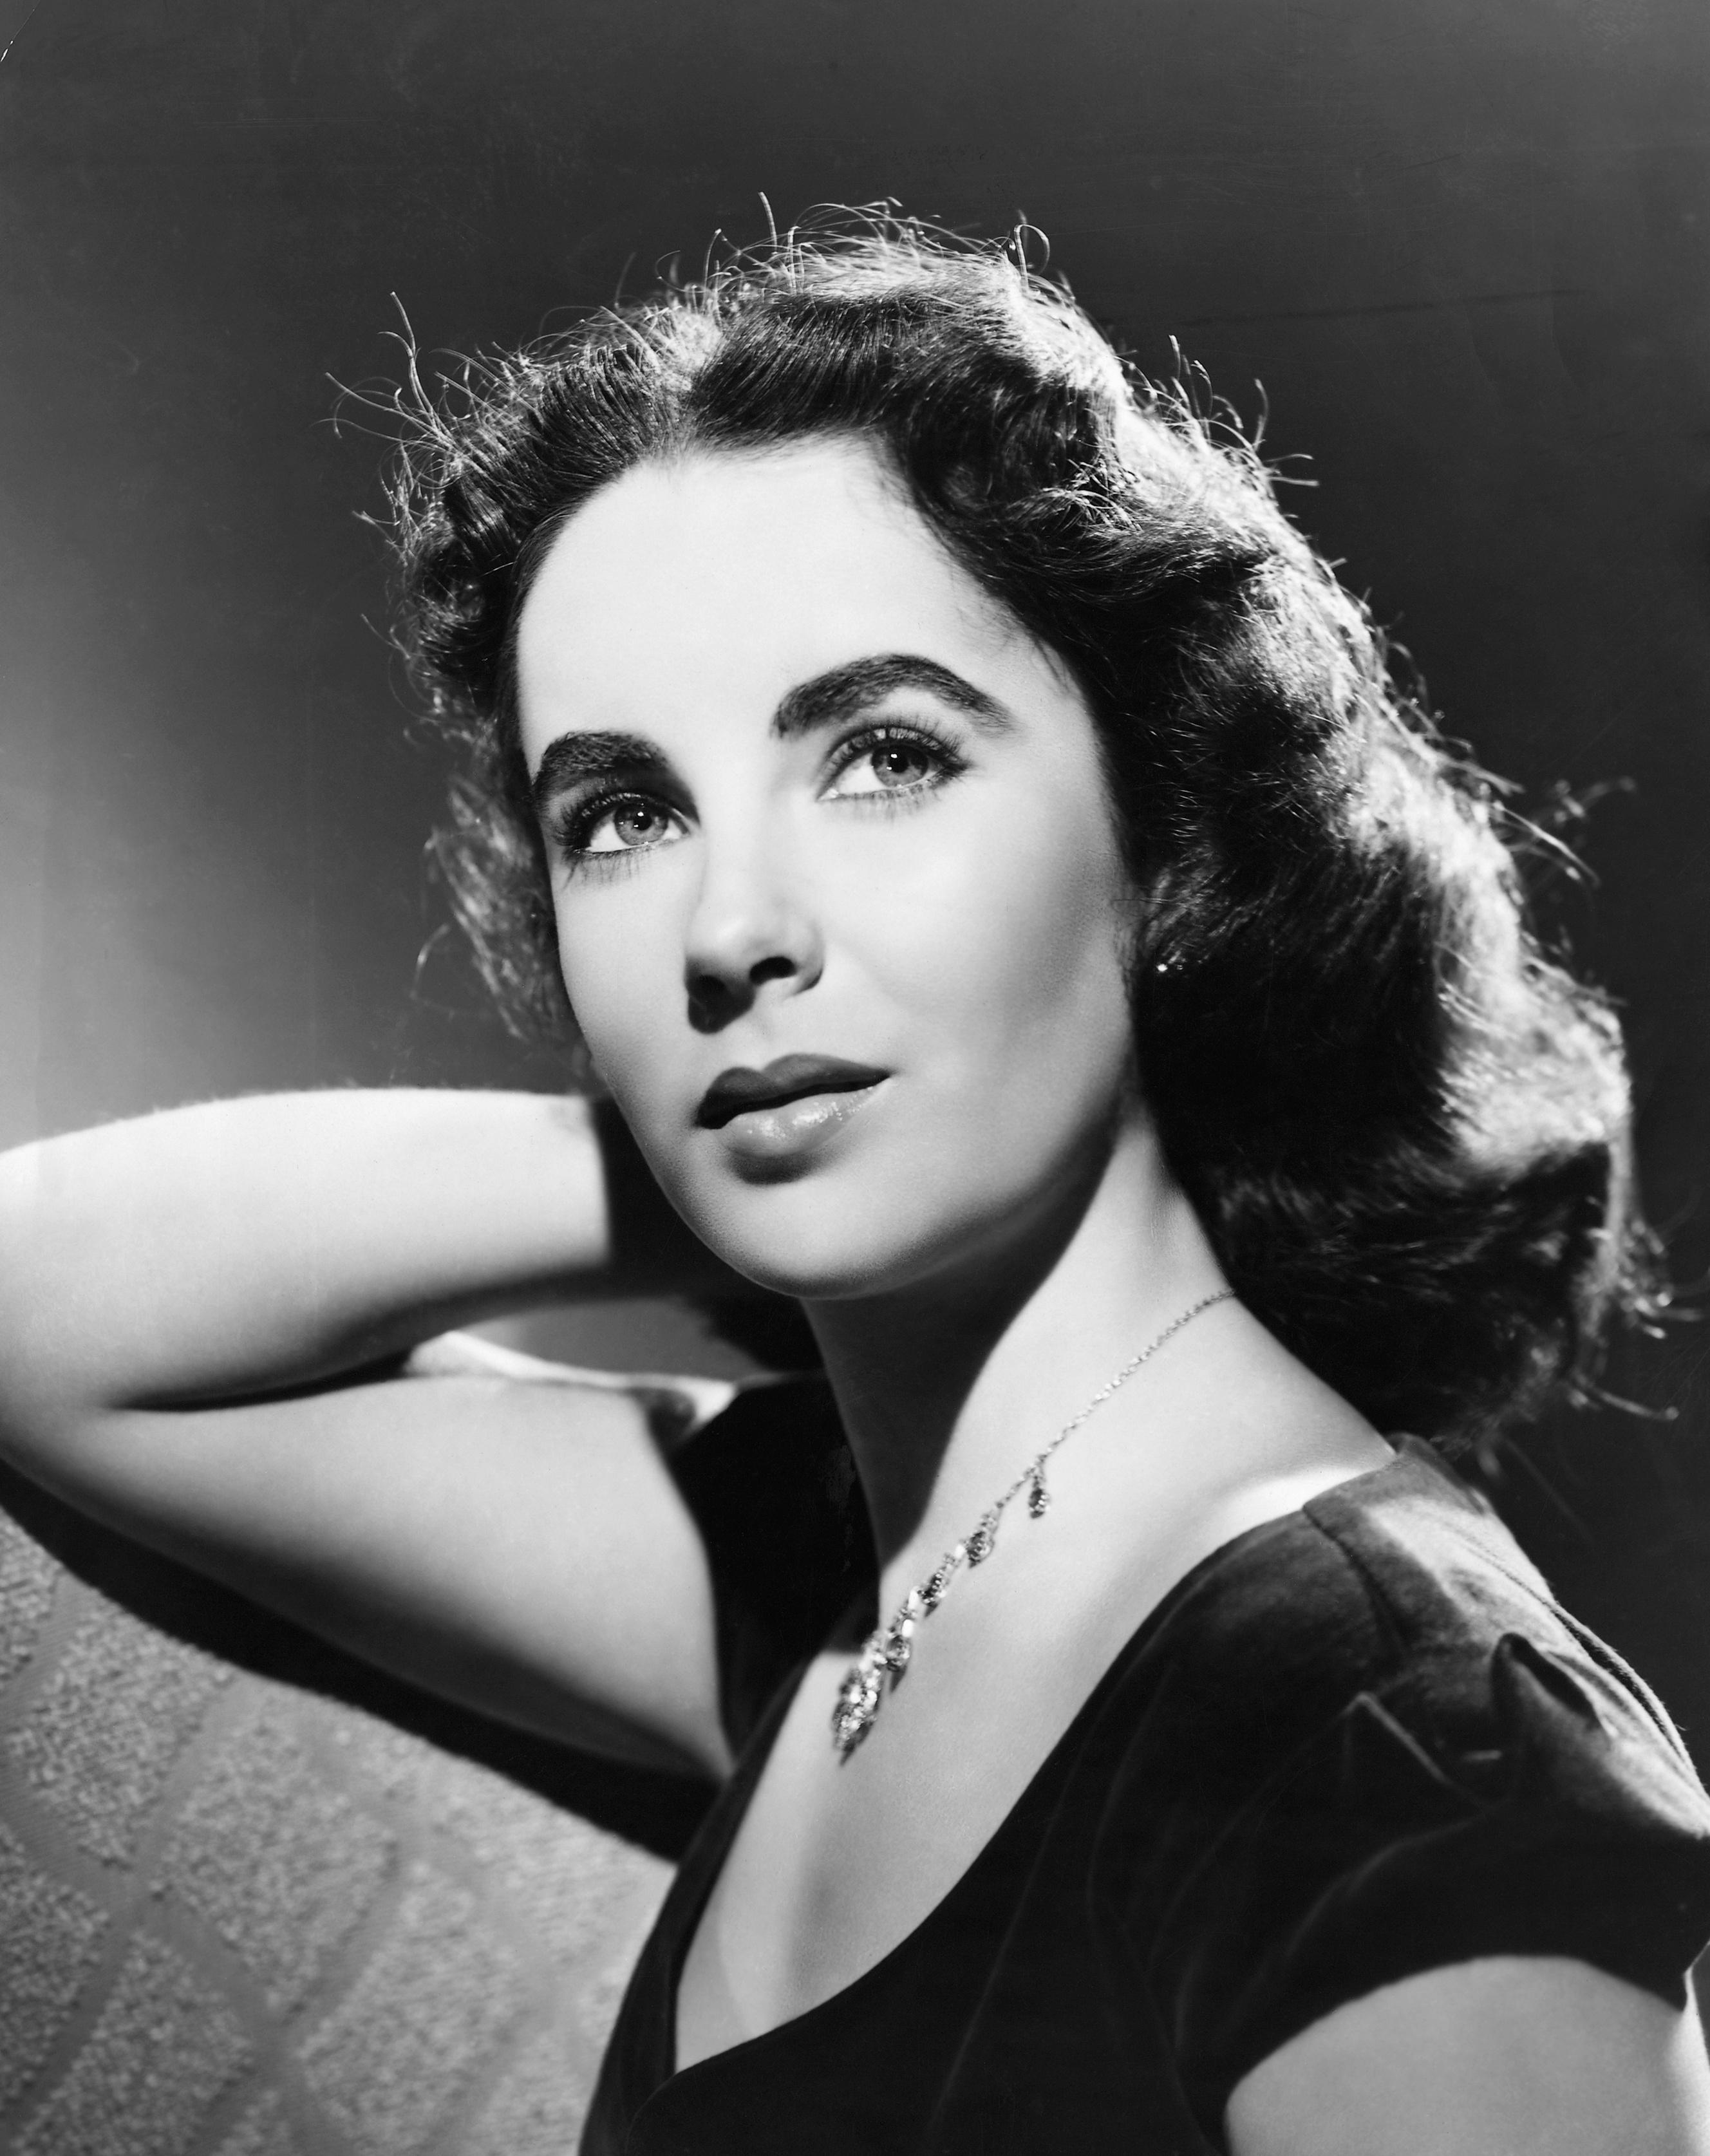 A listán a harmadik a lélegzetelállítóan szép Elizabeth Taylor lett, aki még hetven felett is igazi díva volt. 2011-ben, 79 évesen hunyt el, de kétségkívül az elmúlt száz év legszebb női közé tartozik.